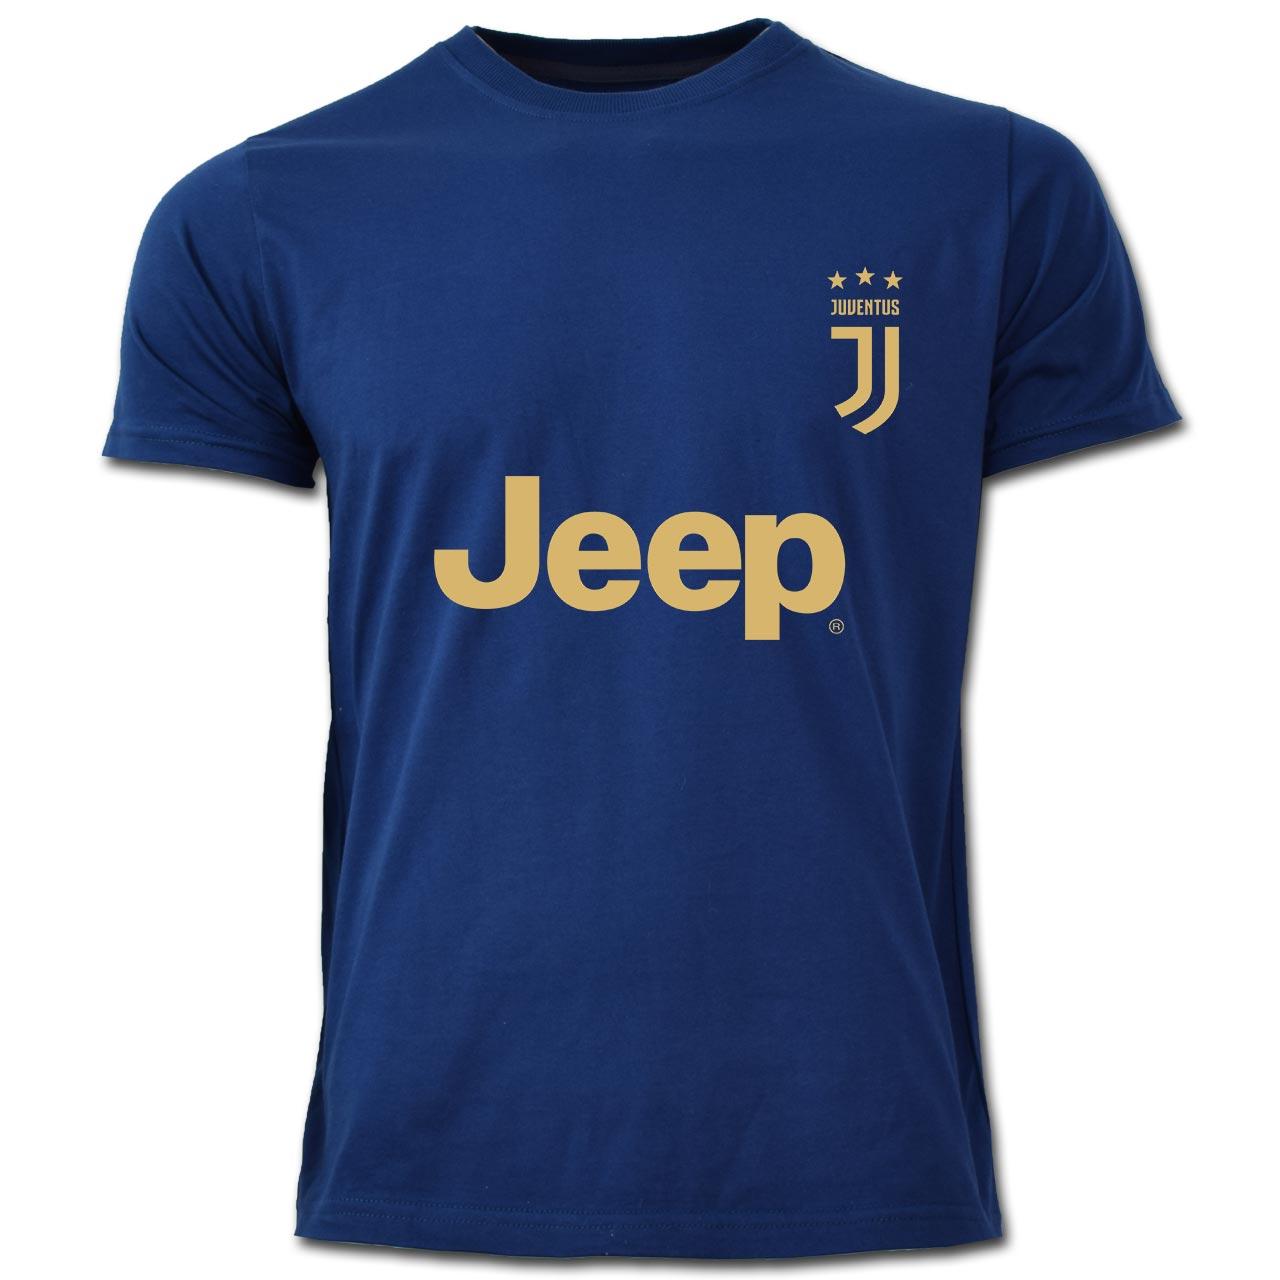 عکس تی شرت مردانه طرح یوونتوس کد 09A2